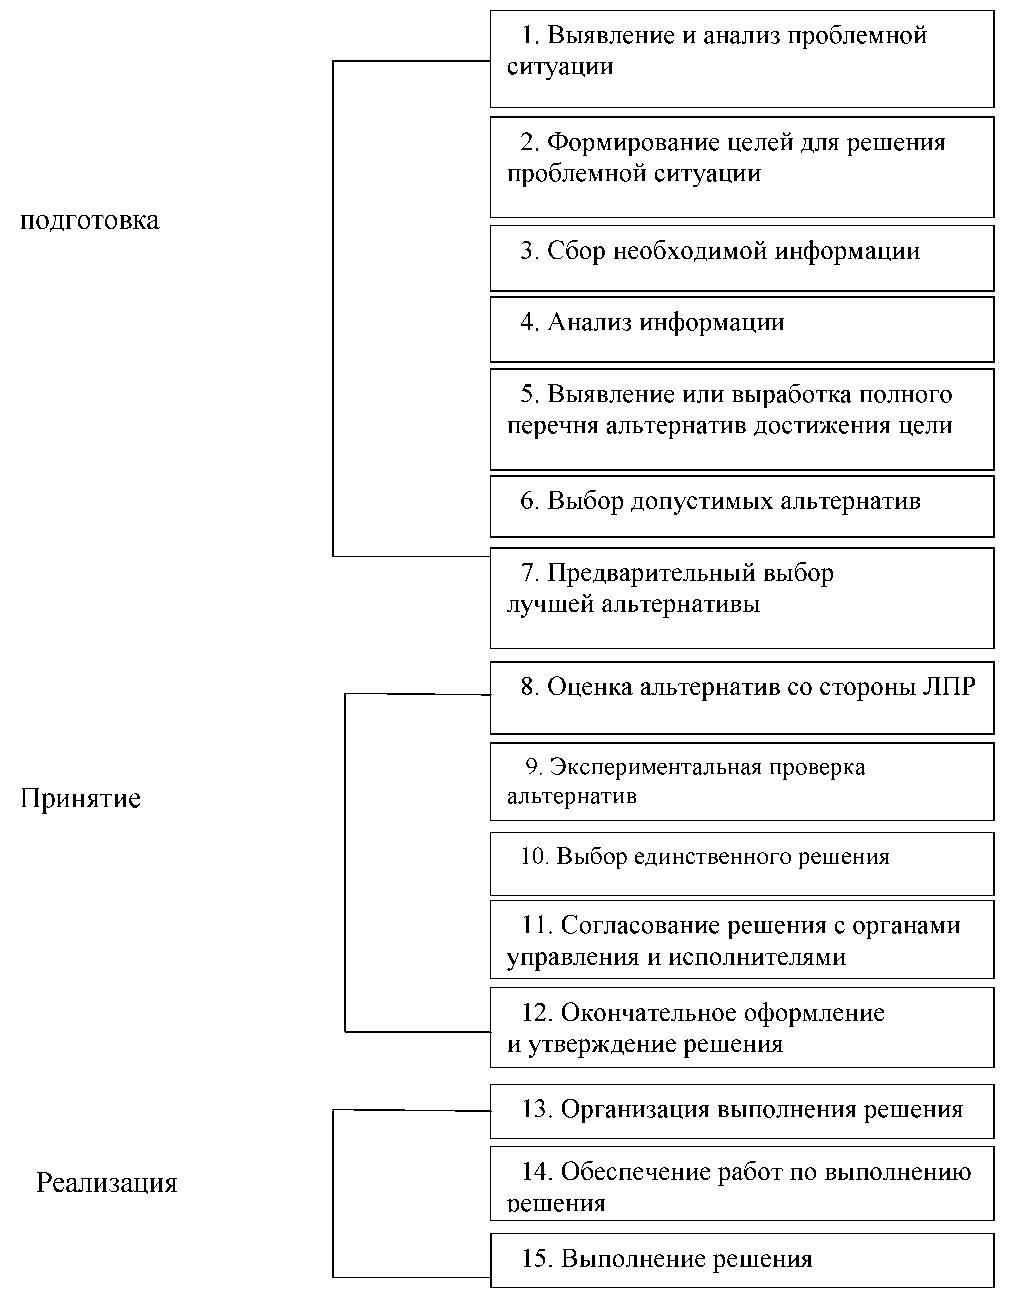 Разработка управленческого решения схема